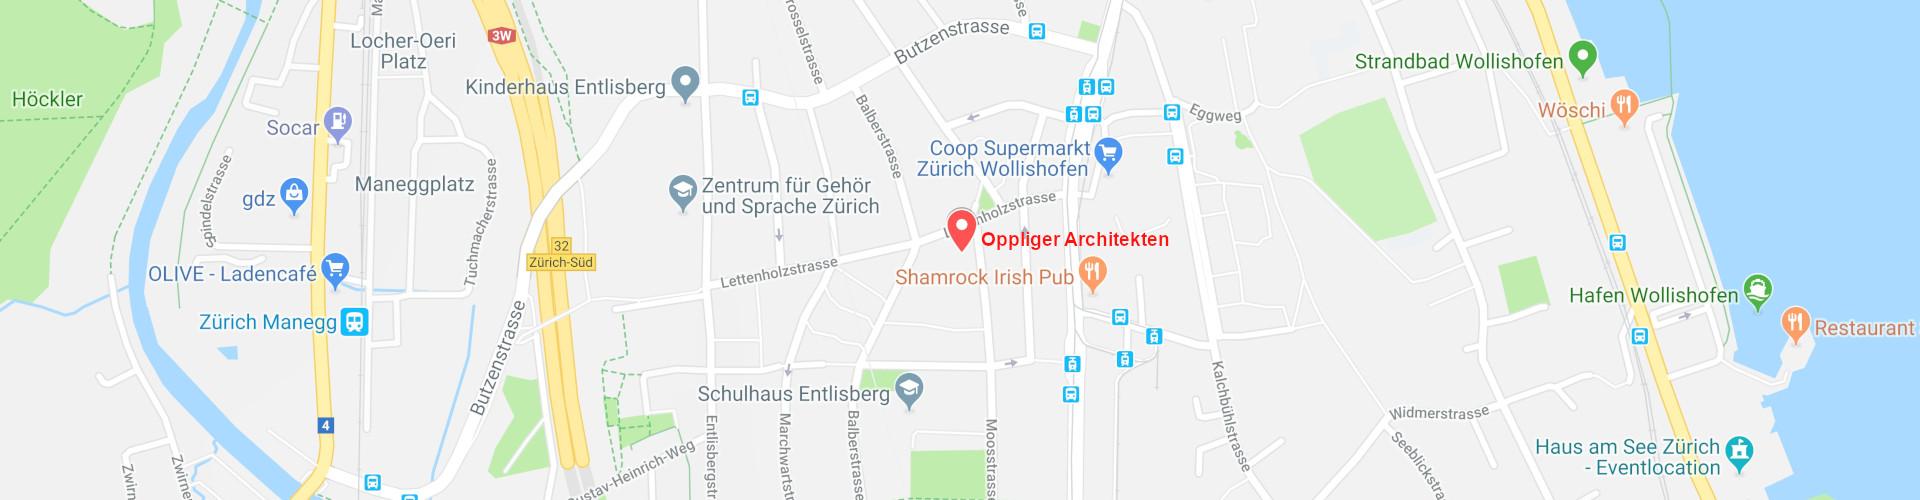 Oppliger Architekten Karte